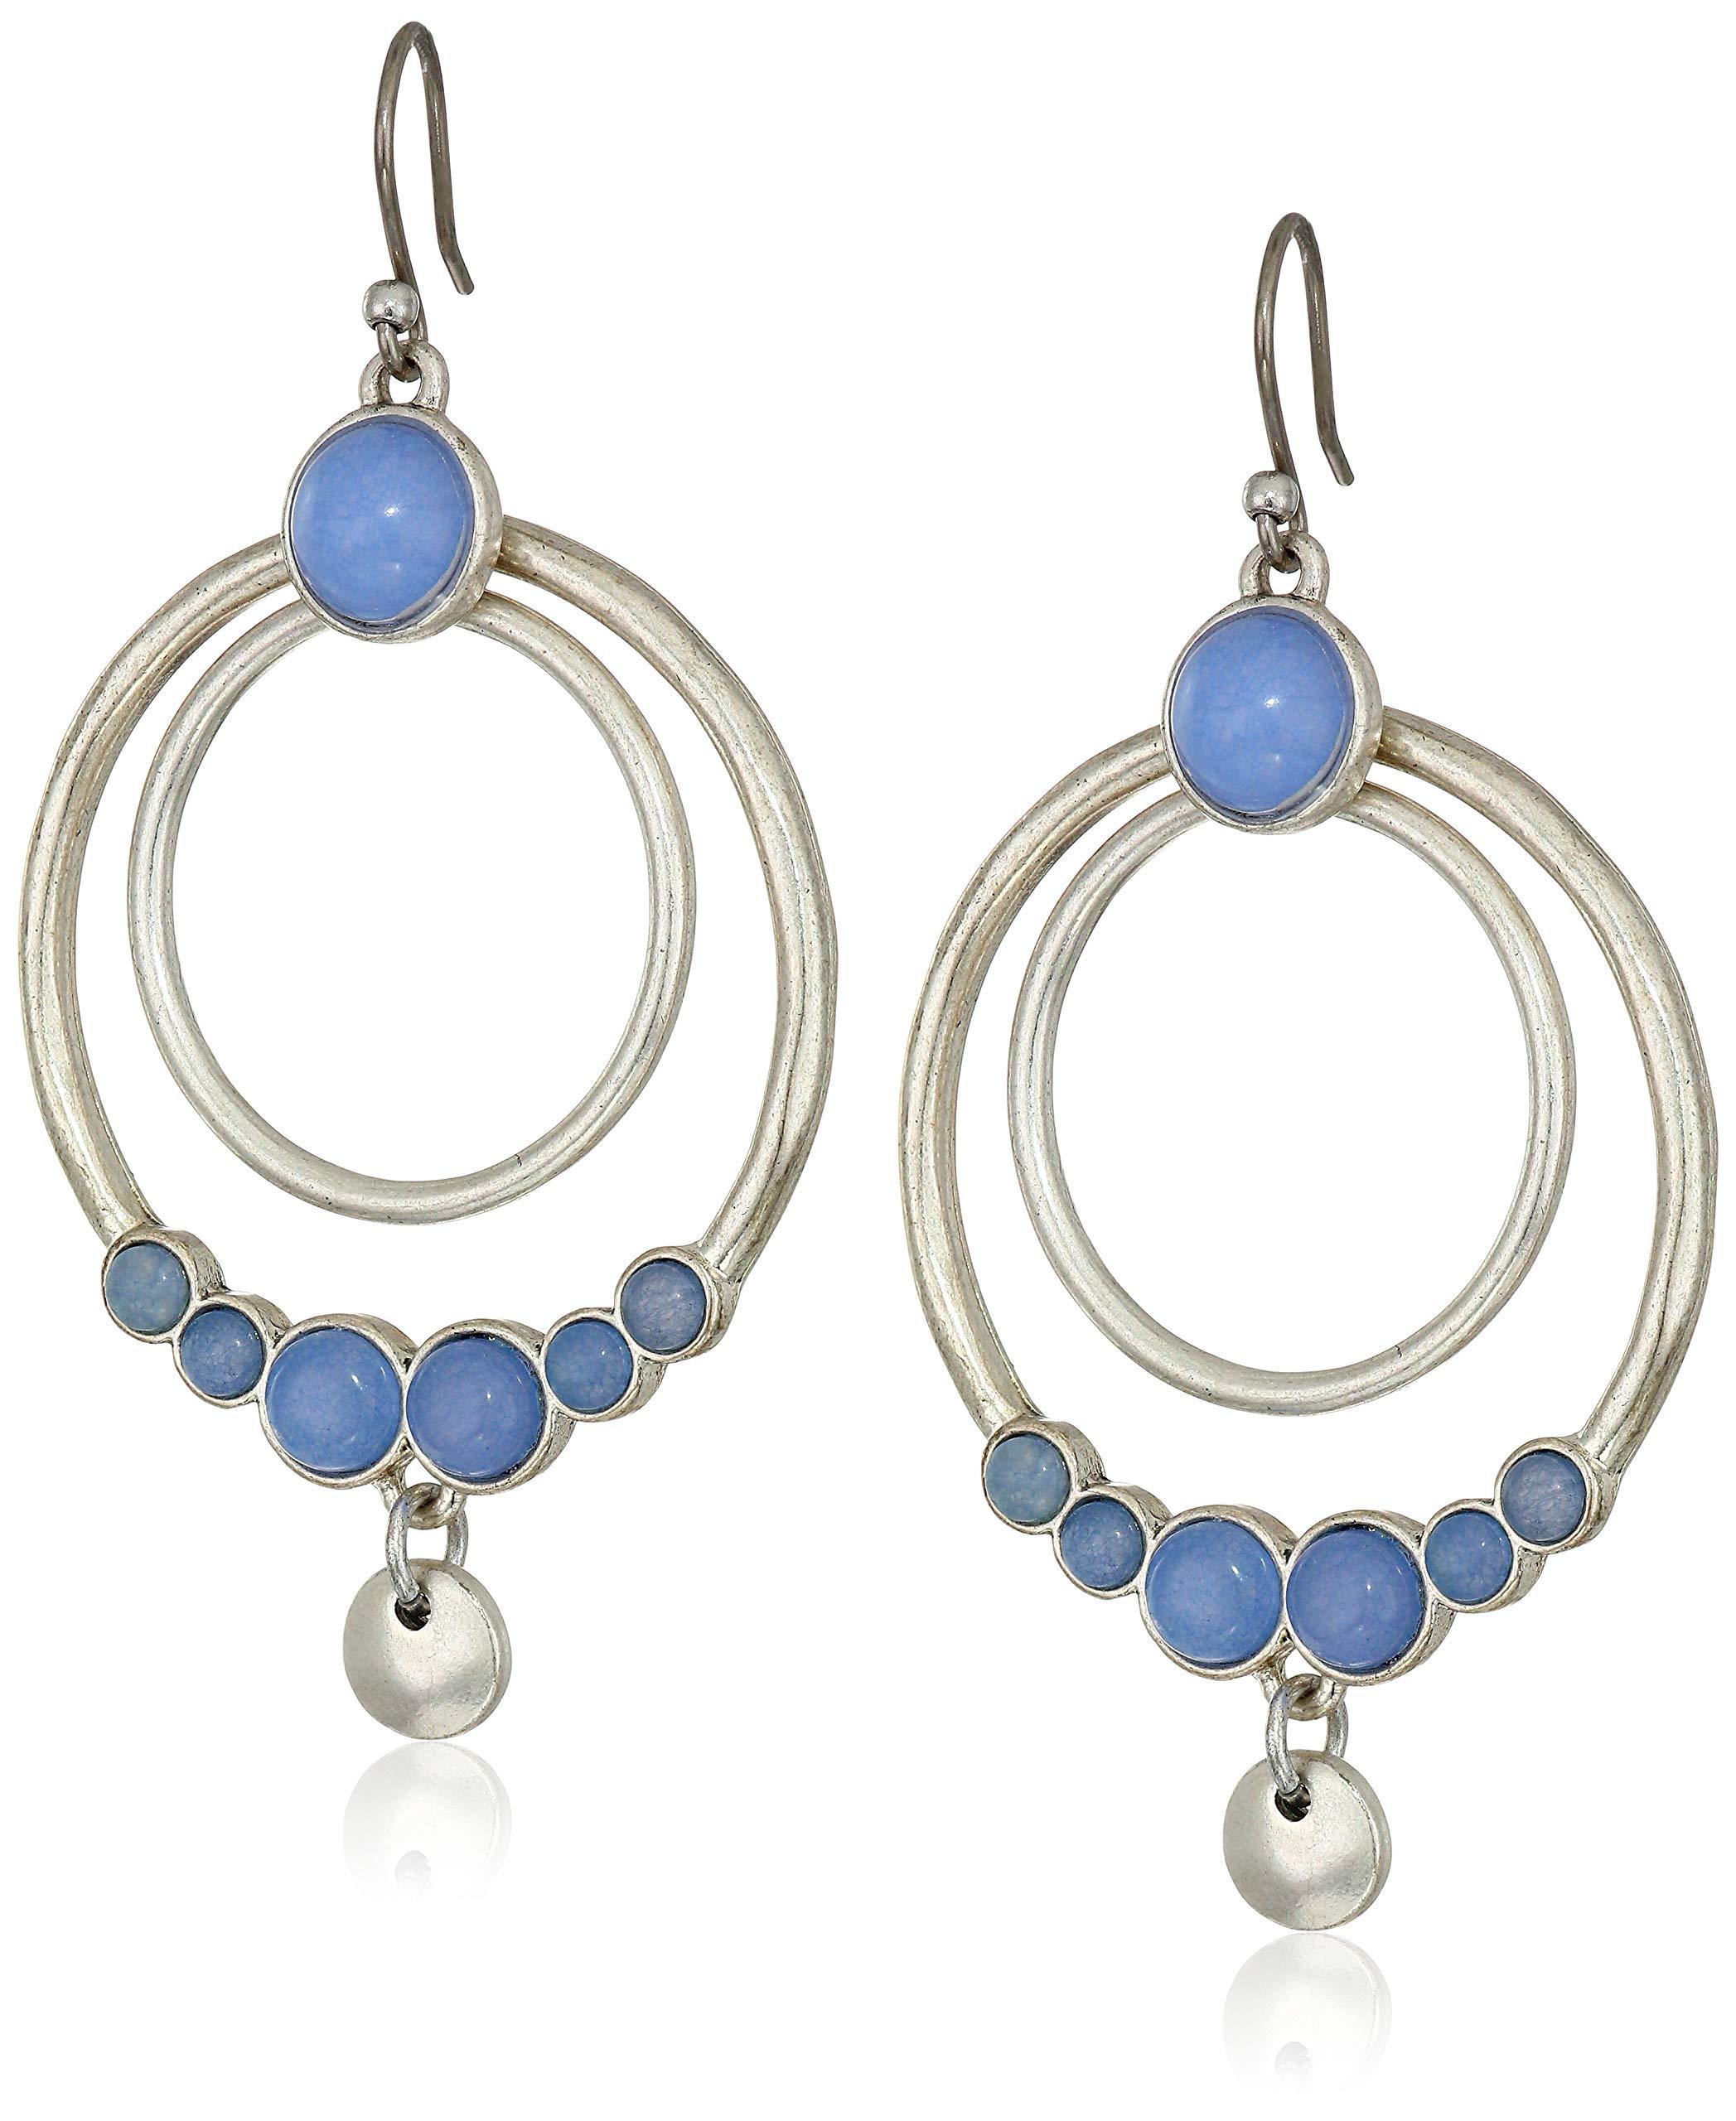 Lucky Brand Women's Orbital Set Stone Drop Earrings, Silver, One Size